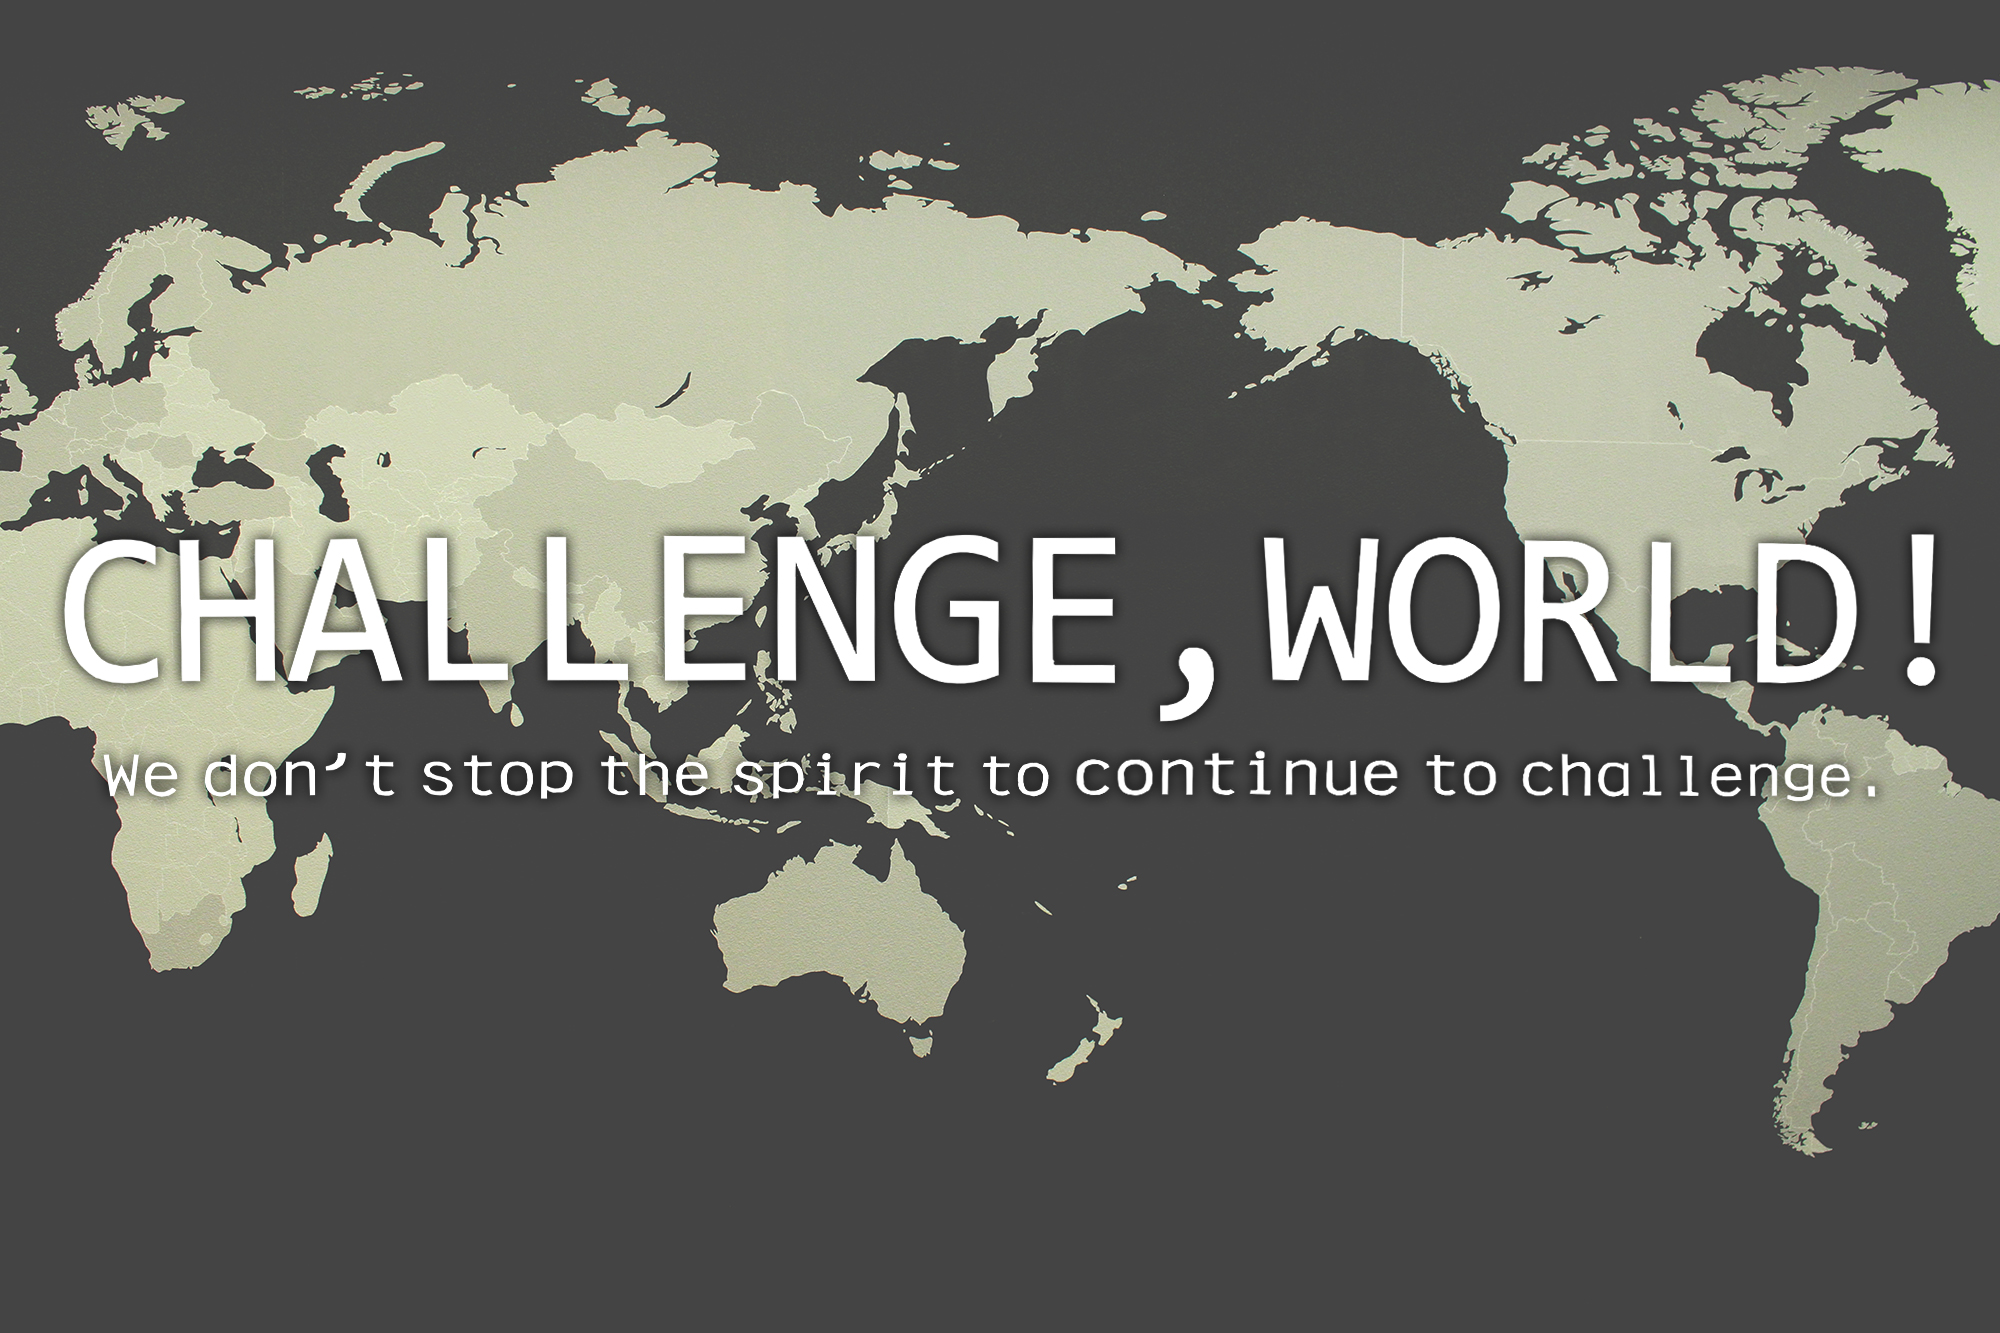 CHALLENGE,WORLD!